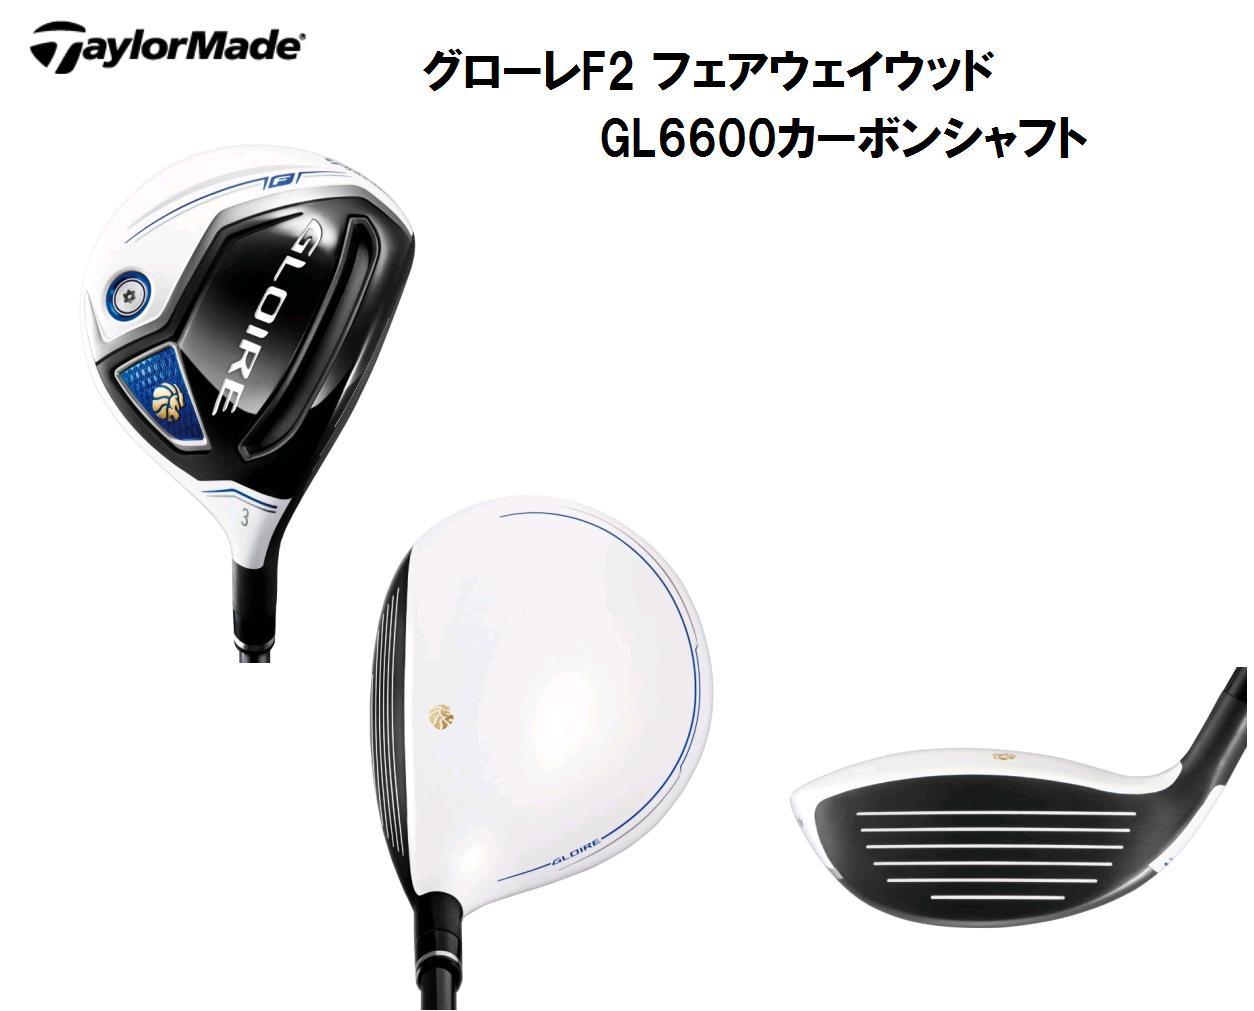 【新品】 テーラーメイド GLOIRE F2 (グローレ F2) フェアウェイウッド GL6600カーボンシャフト 日本正規品 純正ヘッドカバー、メーカー保証書付き